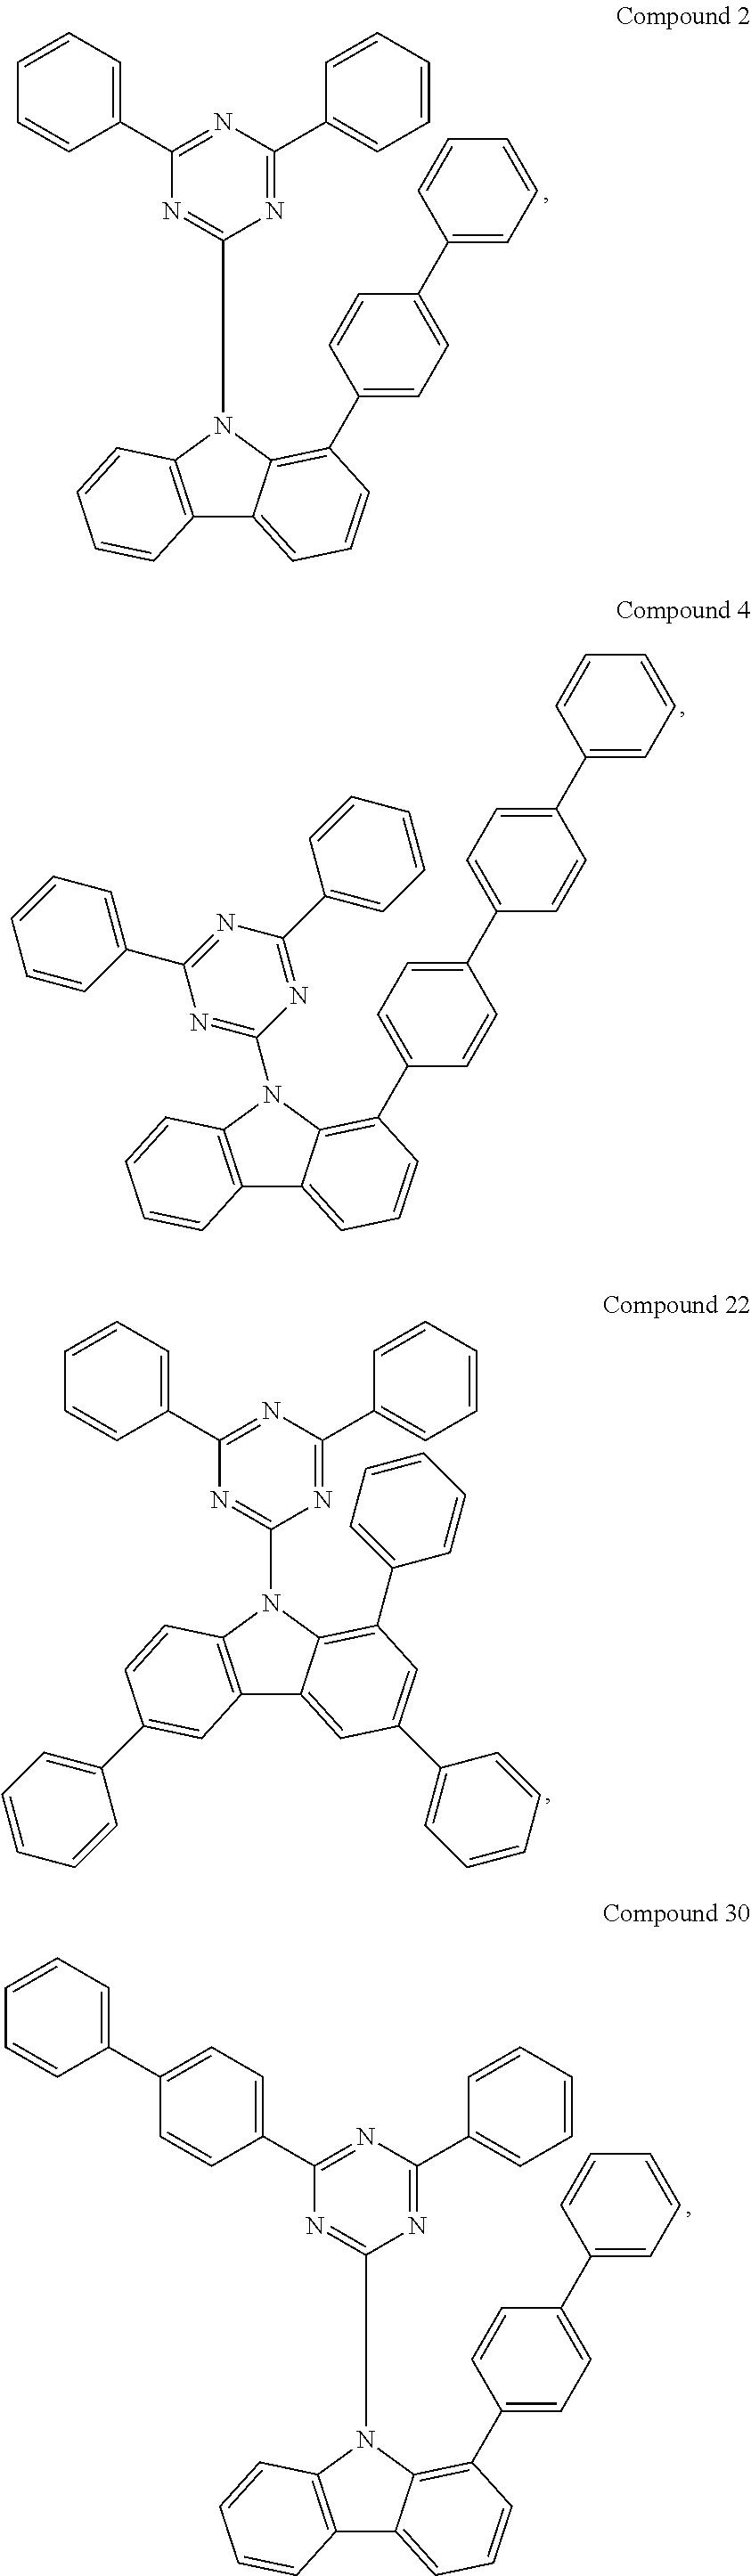 Figure US09673401-20170606-C00043